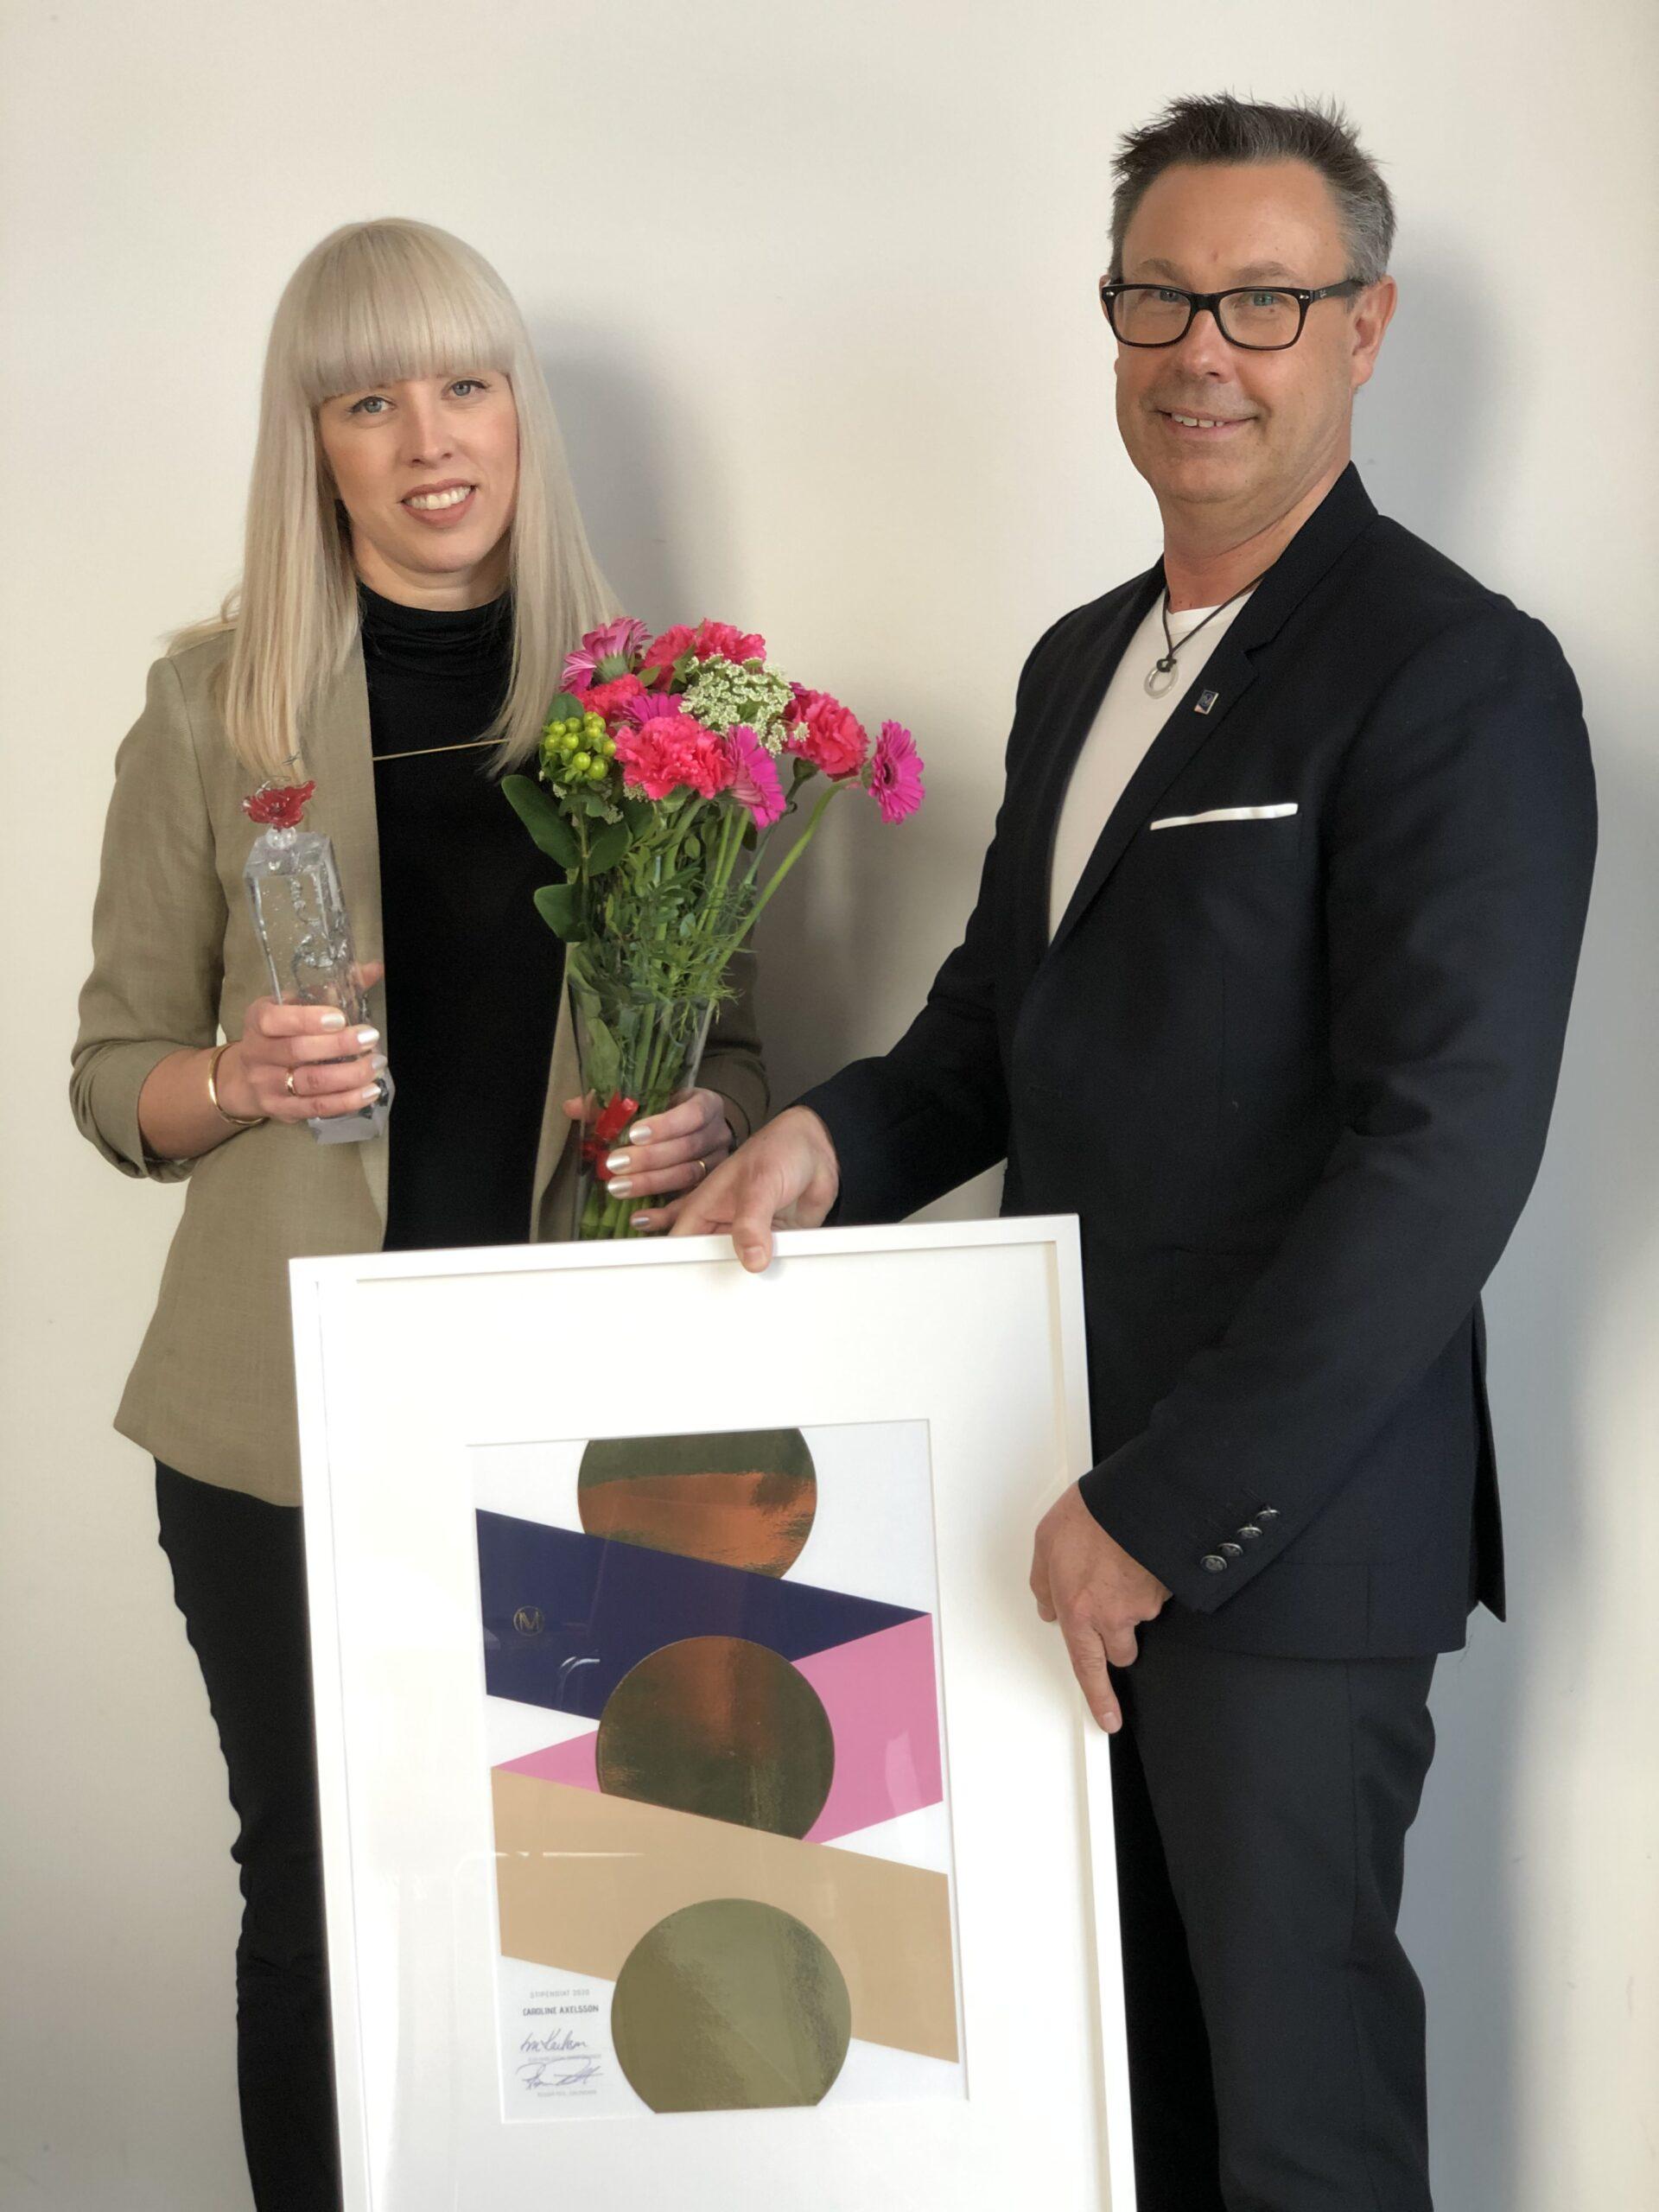 Caroline Axelsson med pris och blommor tillsammans med Roger Pihl